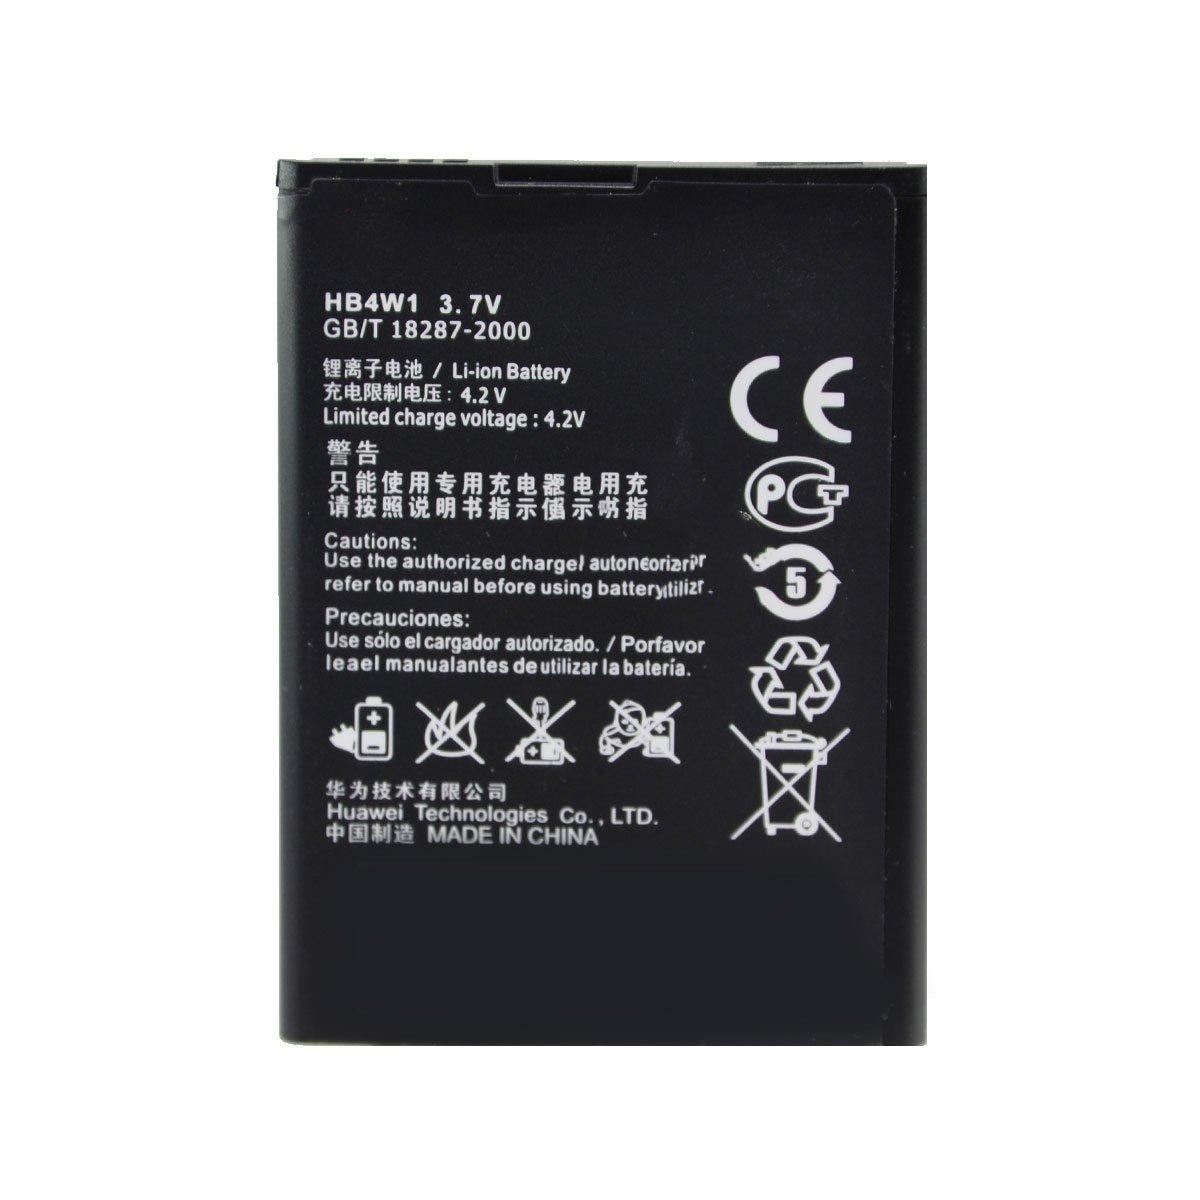 Аккумуляторная батарея для Huawei Ascend Y210 HB4W1